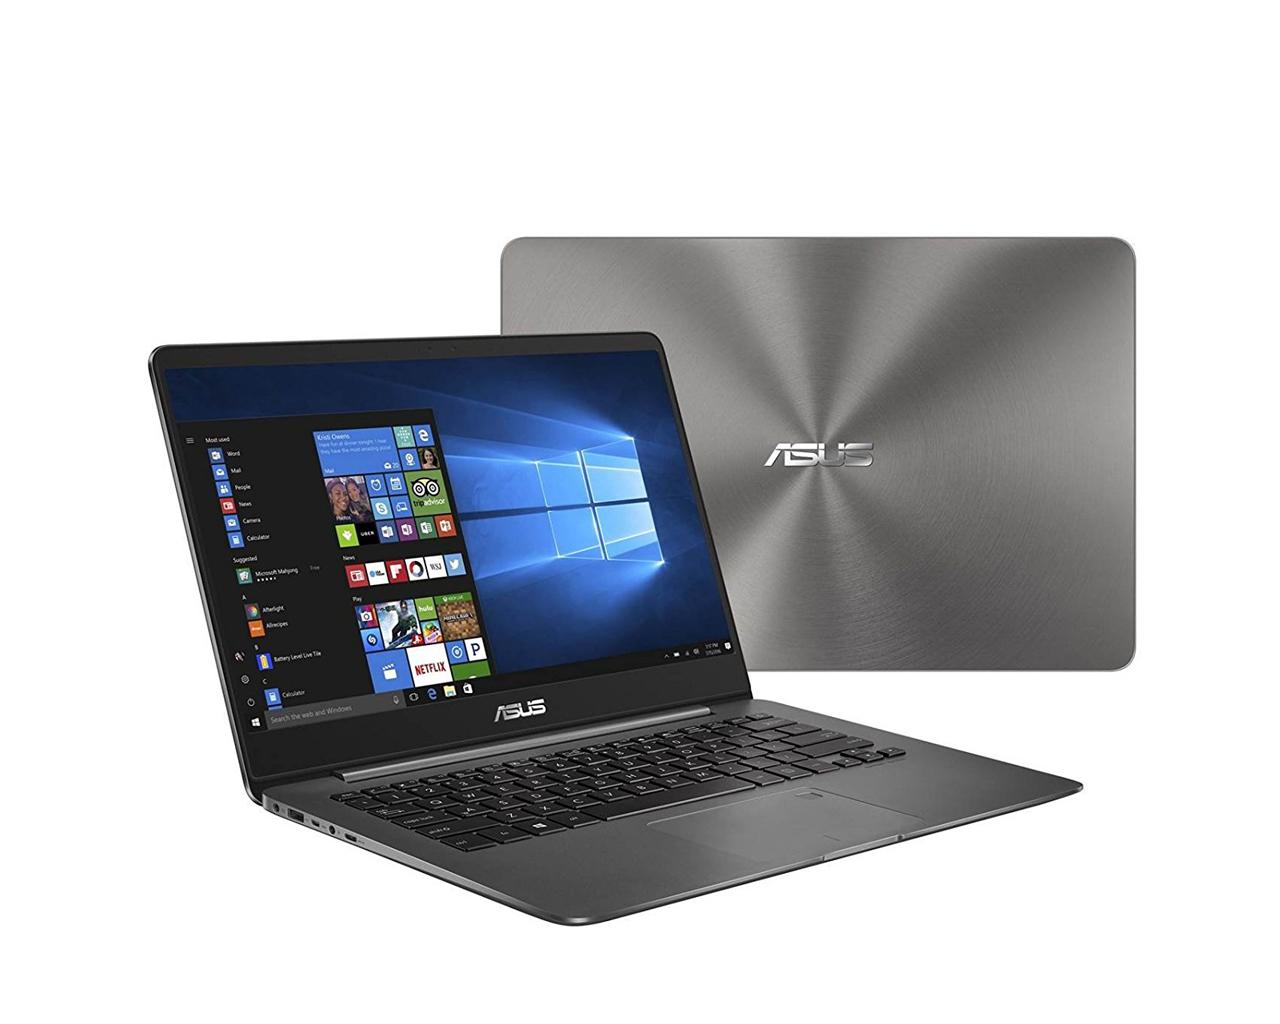 Asus ZenBook UX430UA-DH74 - Notebookcheck net External Reviews